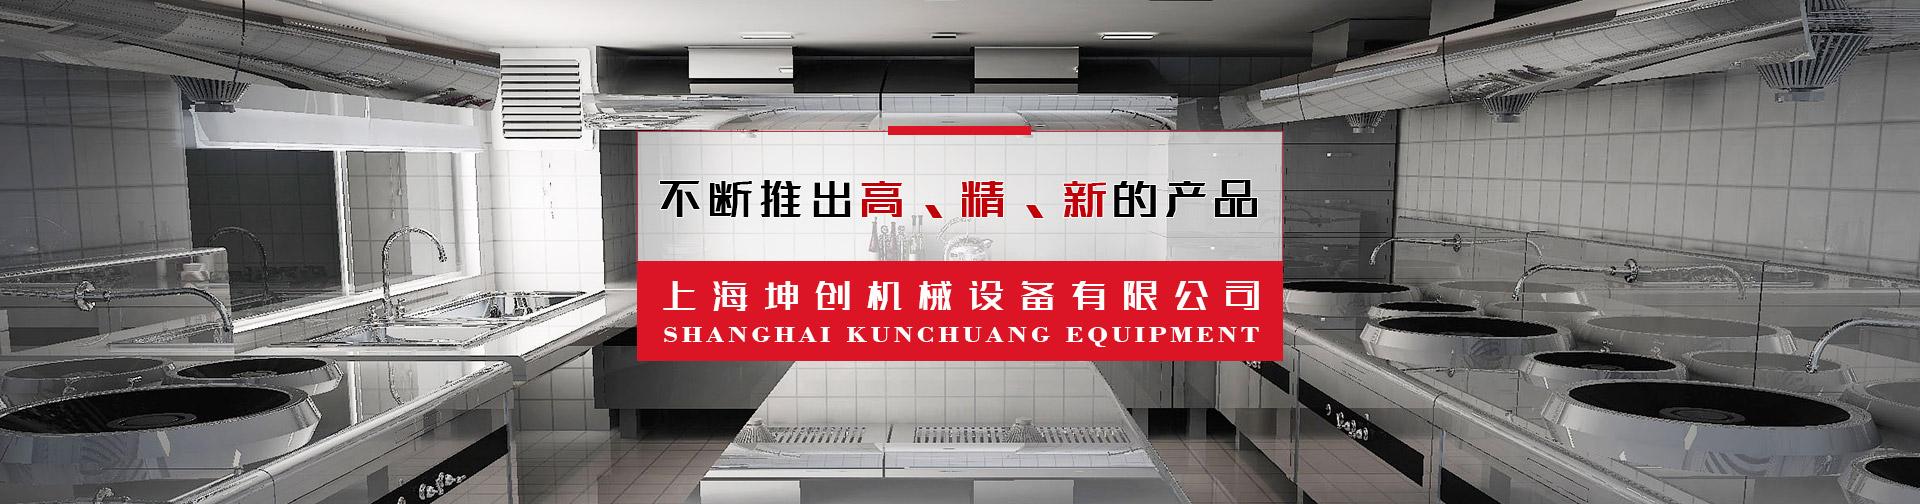 上海燃气炉灶设备